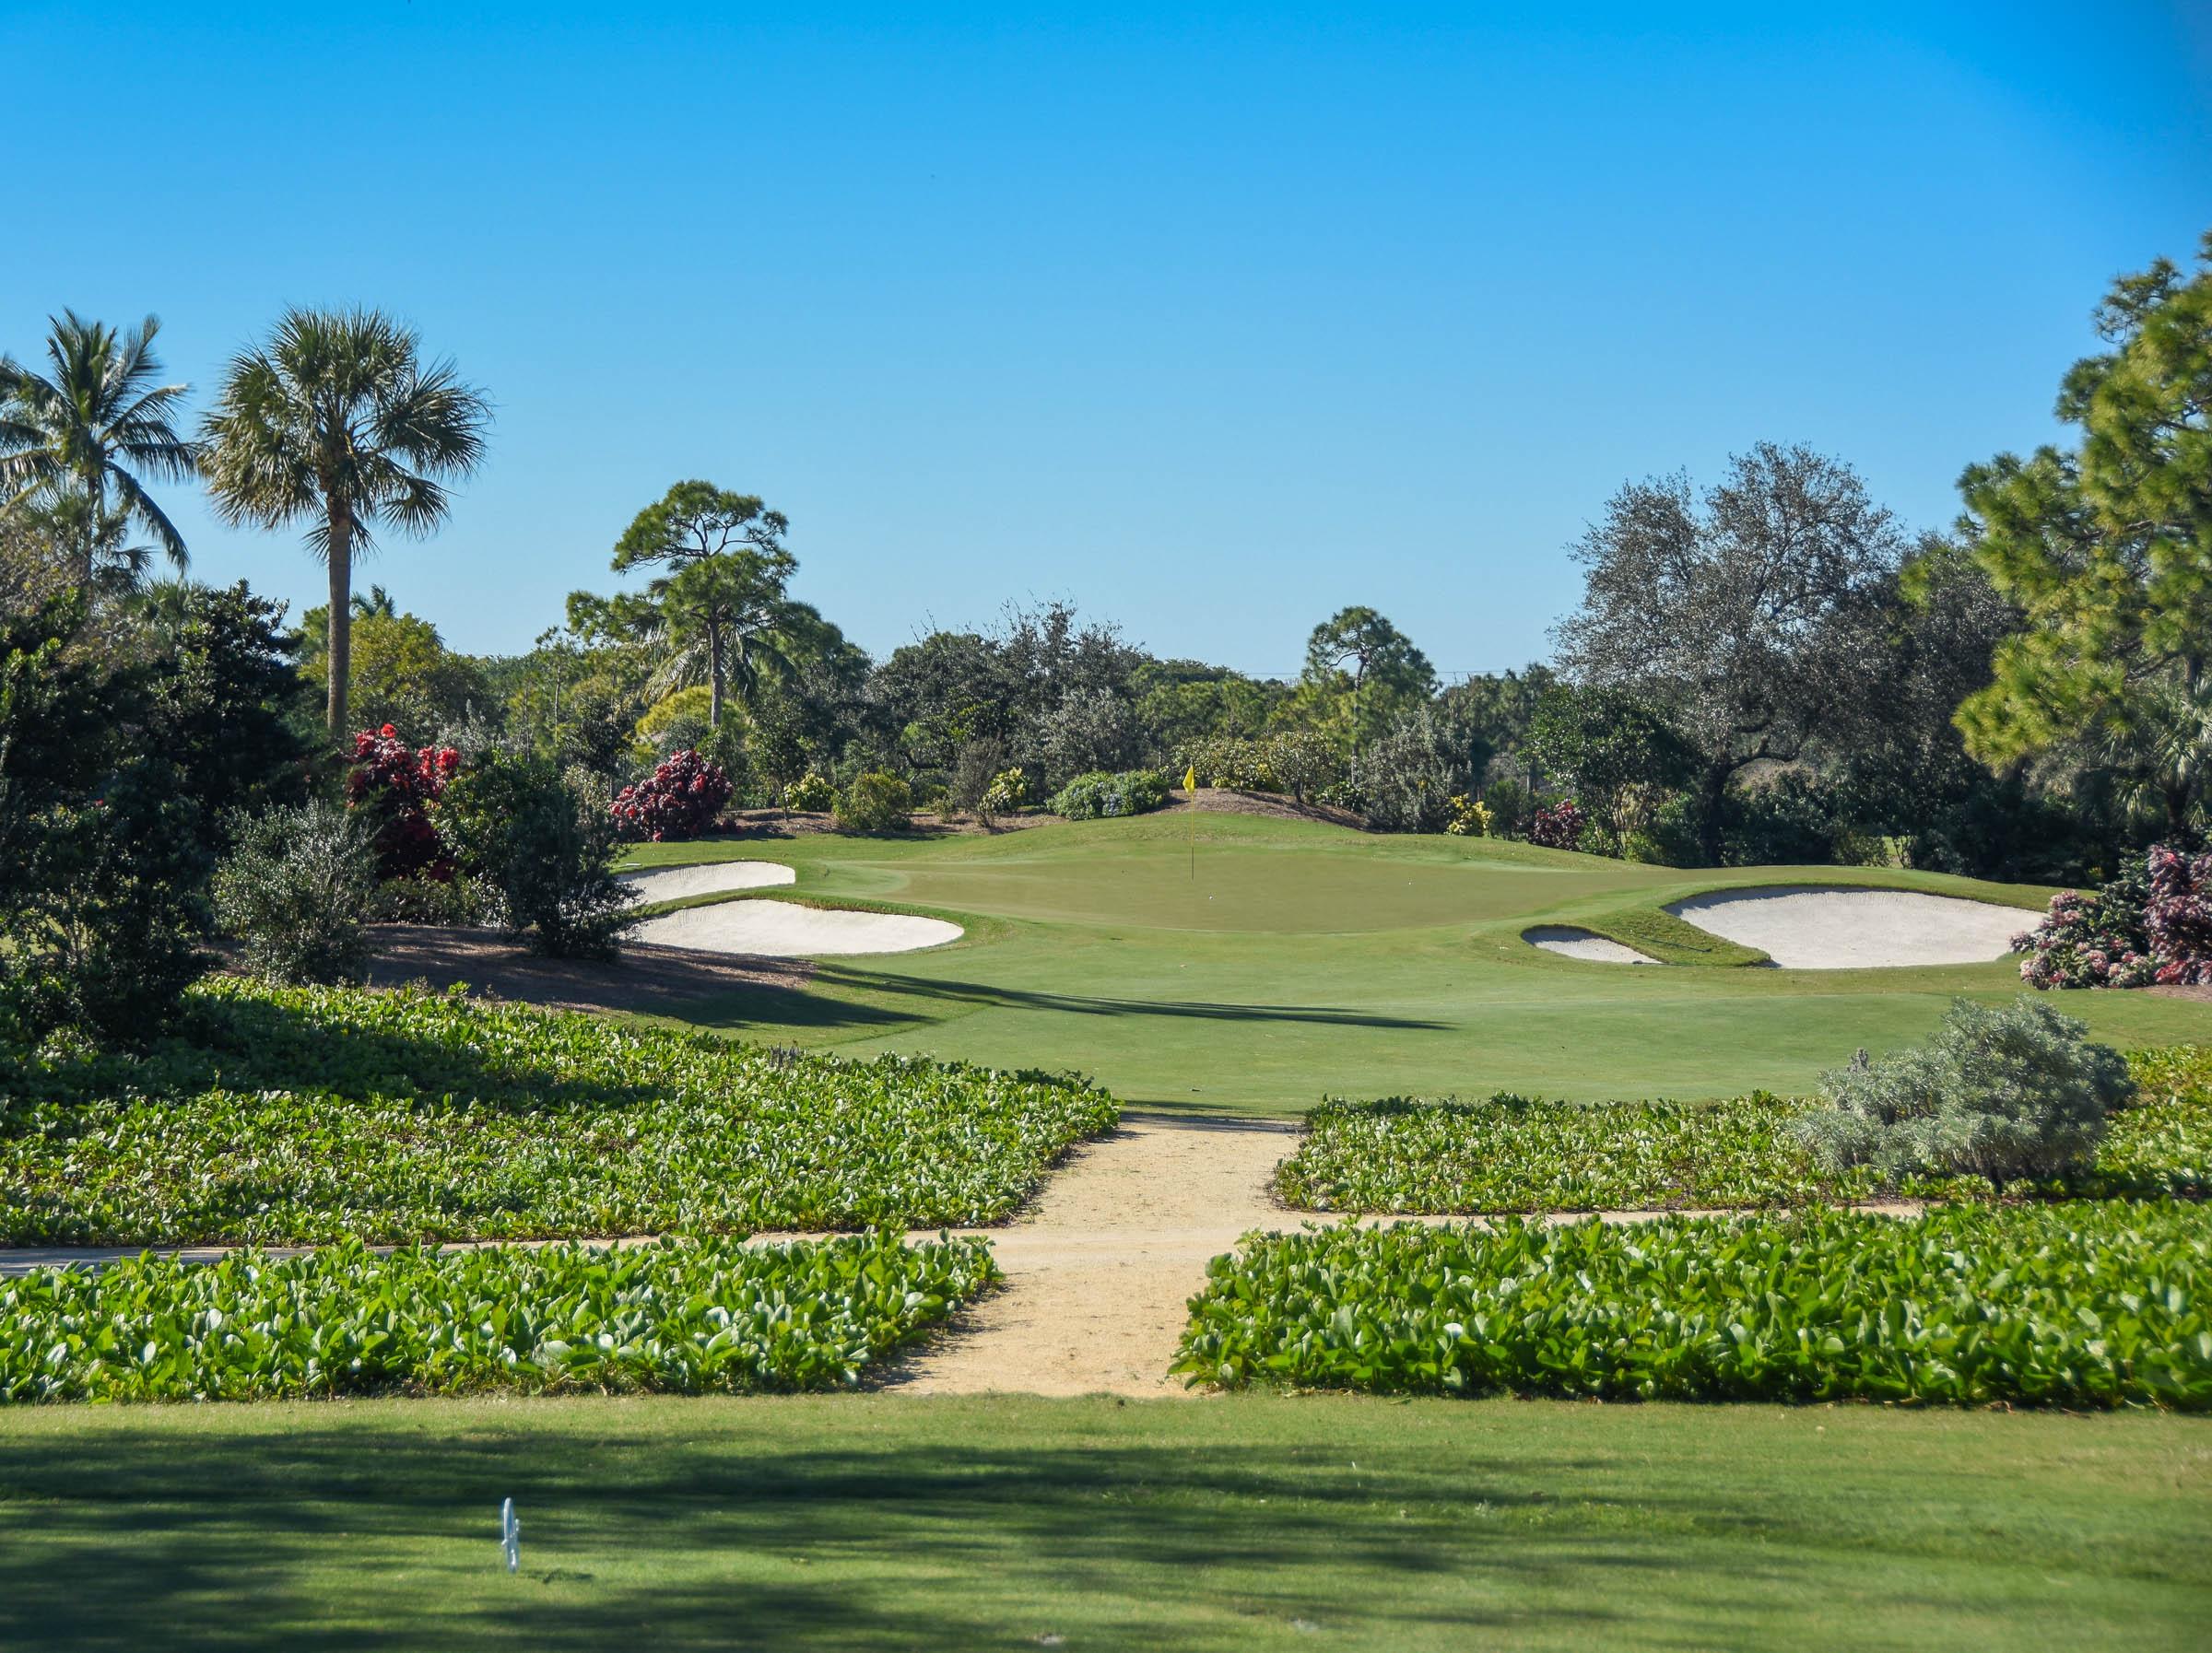 Adios Golf Club1-28.jpg